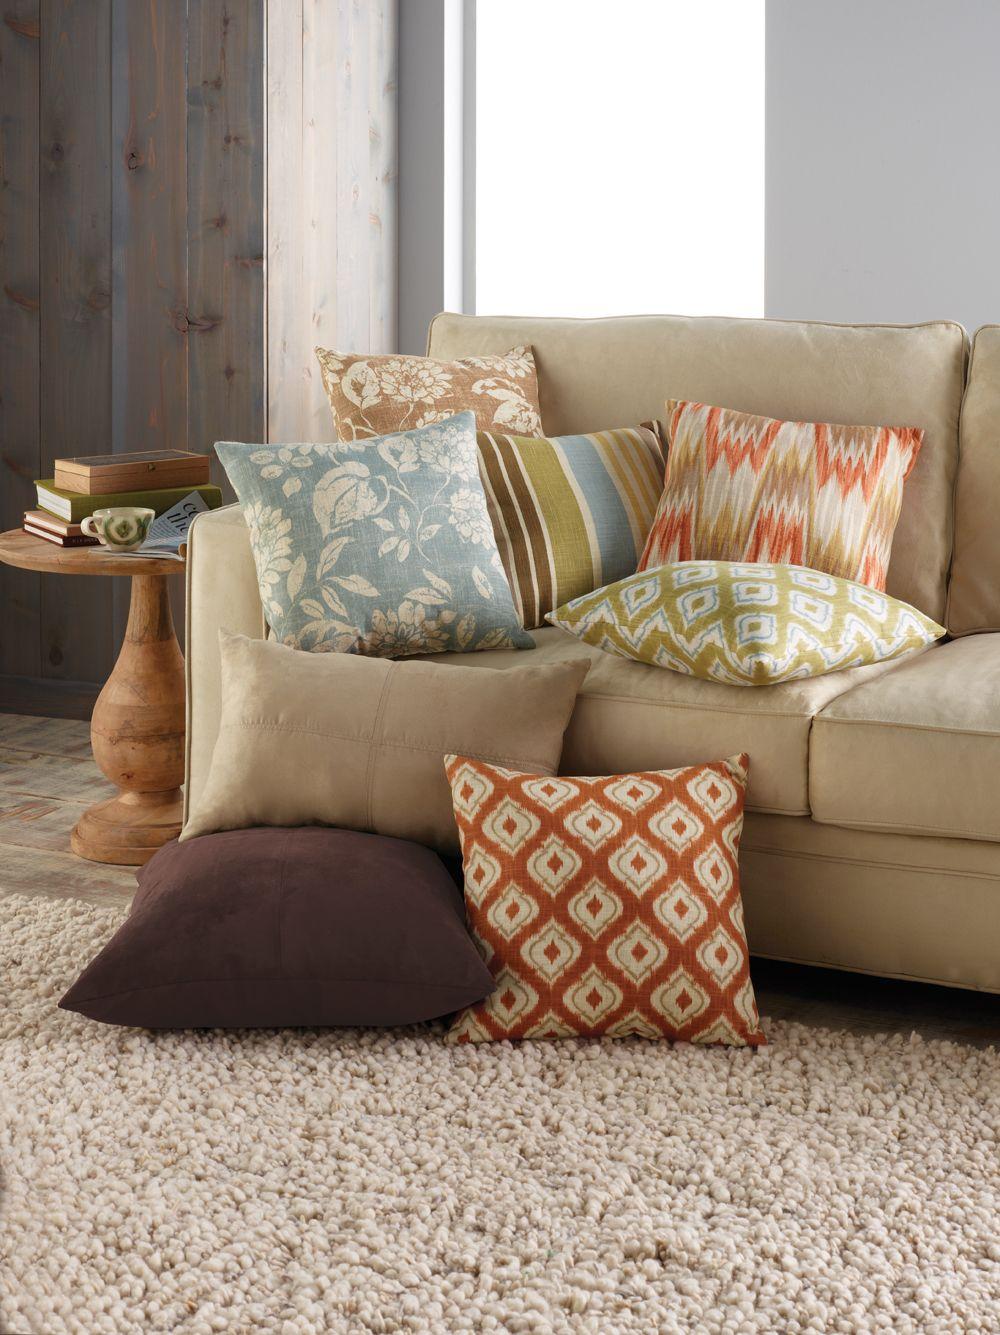 Throw pillows galore homedecor Kohls  Home Style